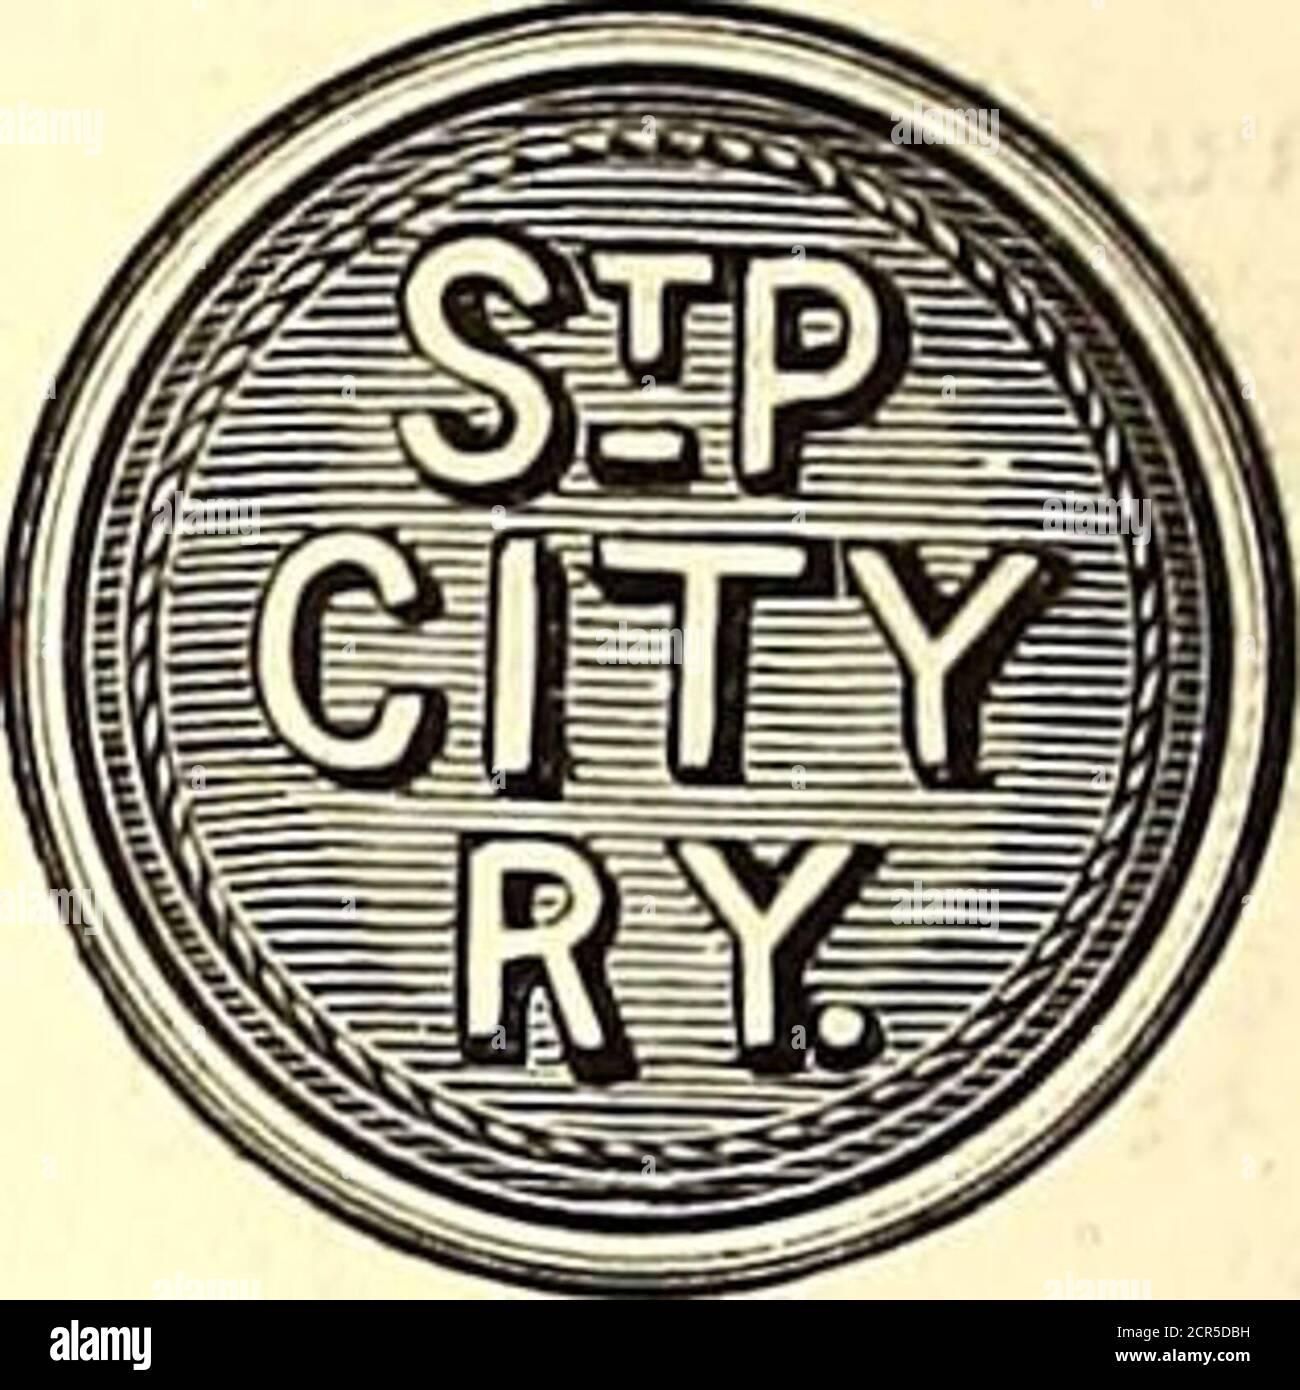 . Il giornale ferroviario di strada . CAPPUCCI UNIFORMI.STEMMI CON CAPPUCCIO IN METALLO. STEMMA.UNISCI BOTTONI.PUNZONI BIGLIETTO.. FORNITURE UNIFORMI E FERROVIE SPECIALTIES.S. A. FRANCESE, I08 West 28th St. NEW YORK. Thiels Detective SeMee. UFFICI. St. Louis, Mo., Odd Fellows Building. Chicago, il Temple.New York, Fulton Building. Kansas City, Mo., edificio Masonic. San Paolo, Minn., Germanla Life Bldg. Denver, Colon., Mining Exchange Bldg.Portland, Ore., Camera di Commercio Building. FERROVIE DI STRADA CONTROLLATE O PRESIDIATE. Impiegati qualificati lor qualsiasi servizio ferroviario position.BEST. TARIFFE RAGIONEVOLI. REFERENCESTO 200 CORPORATI Foto Stock